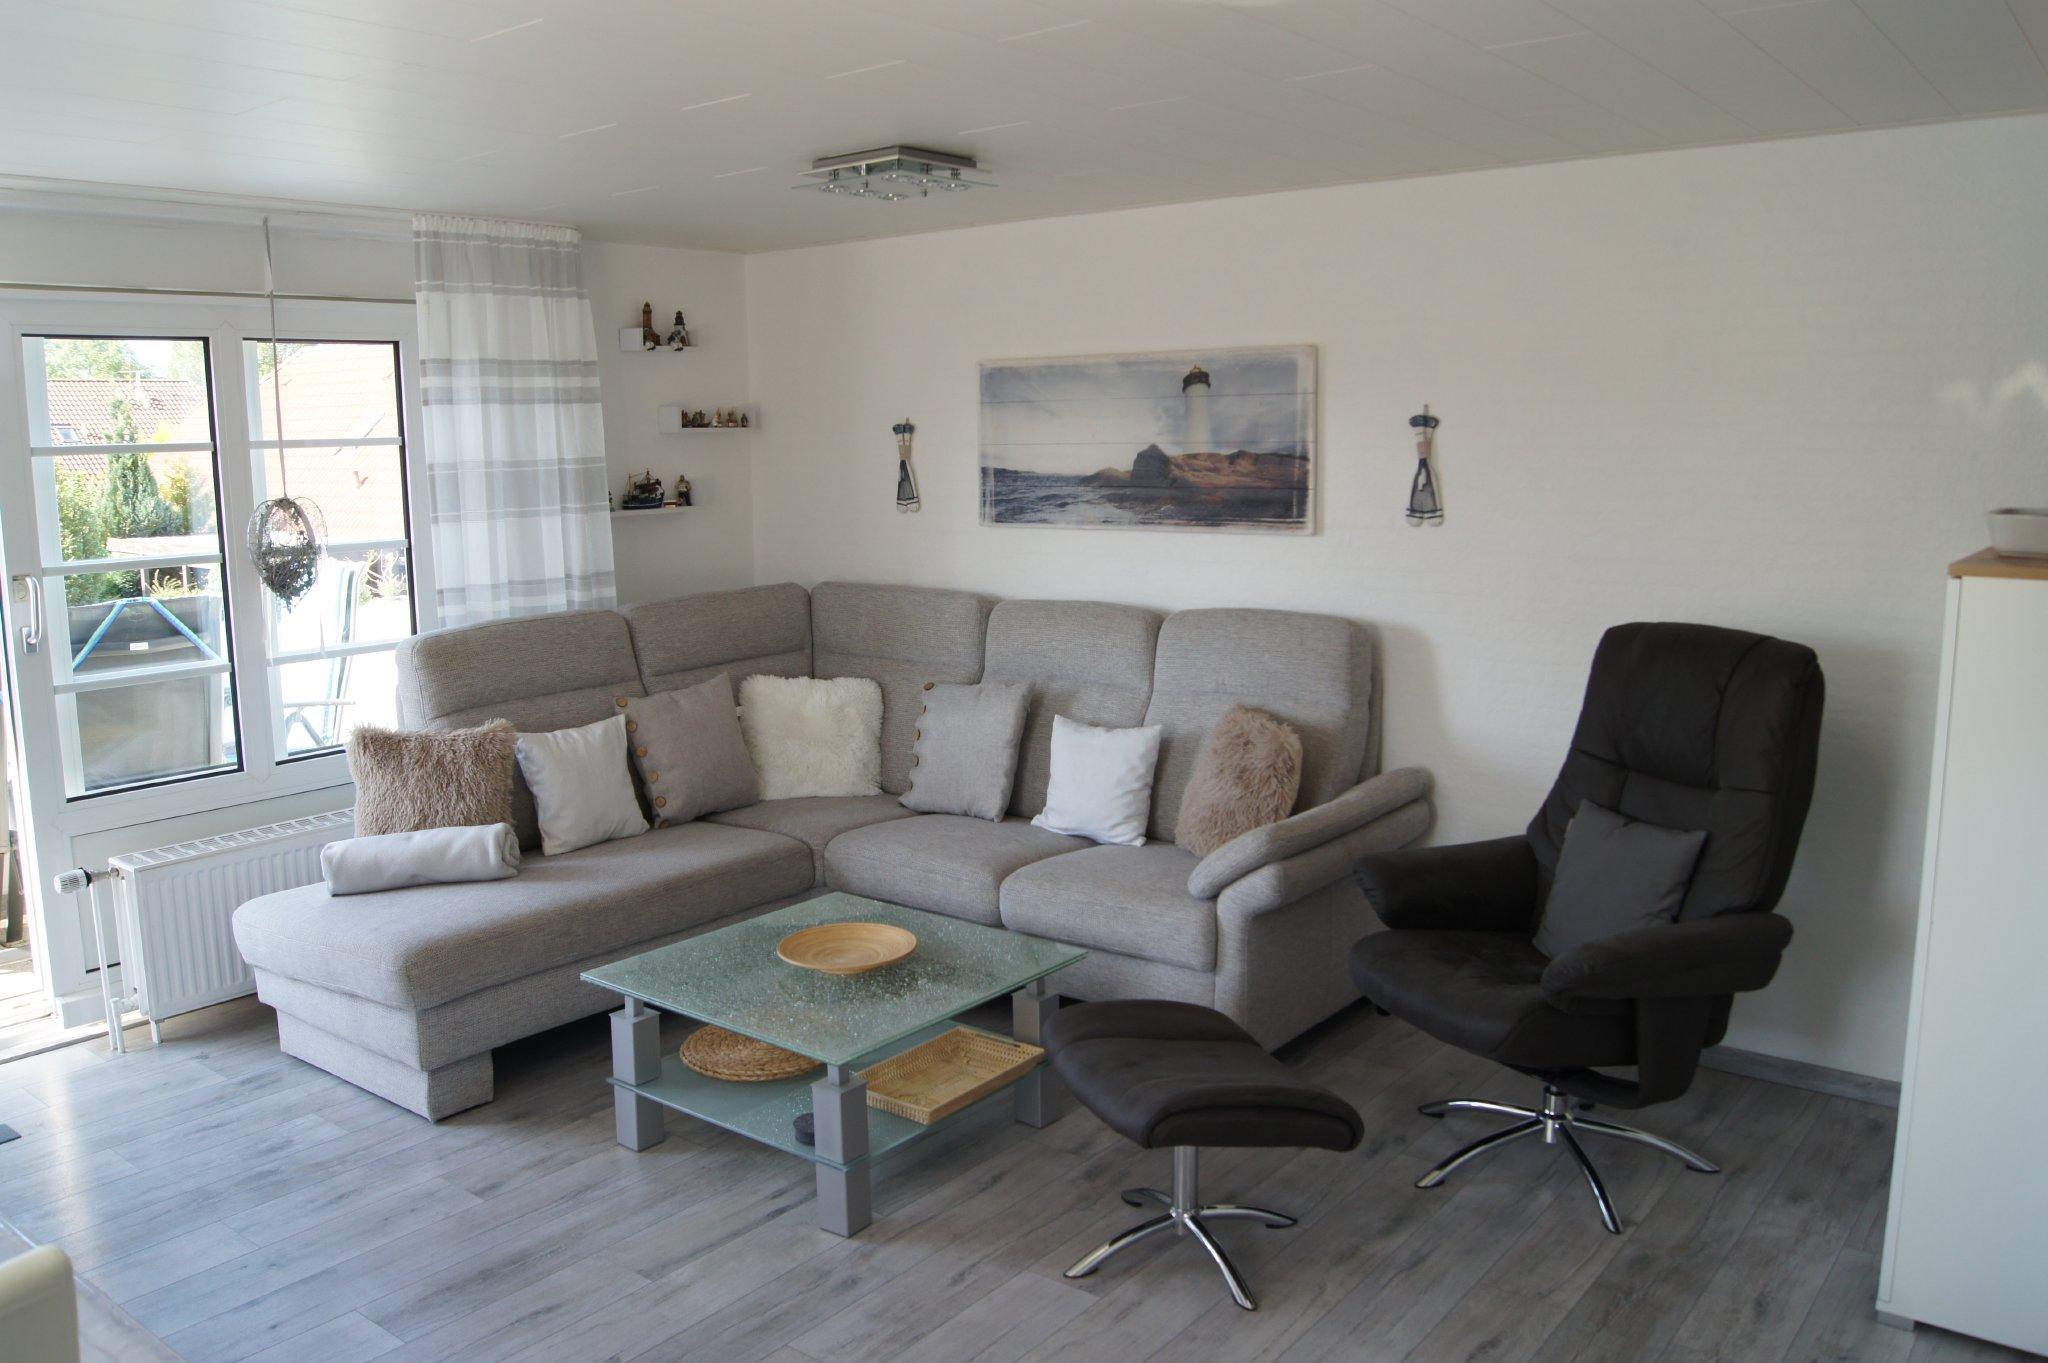 Esstisch mit 4 Stühlen und Aussicht